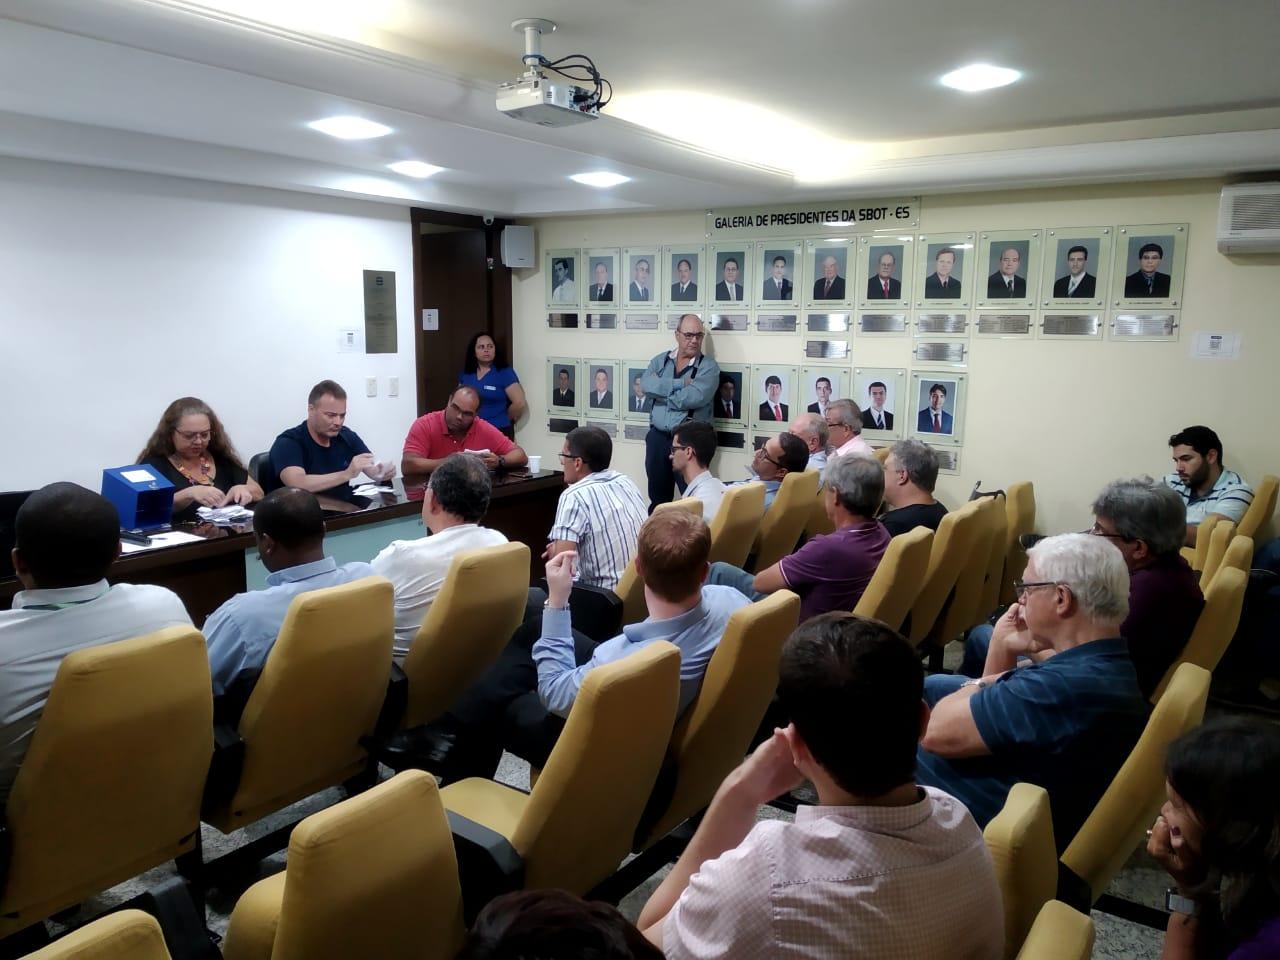 COOTES elege nova diretoria para biênio 2020/21